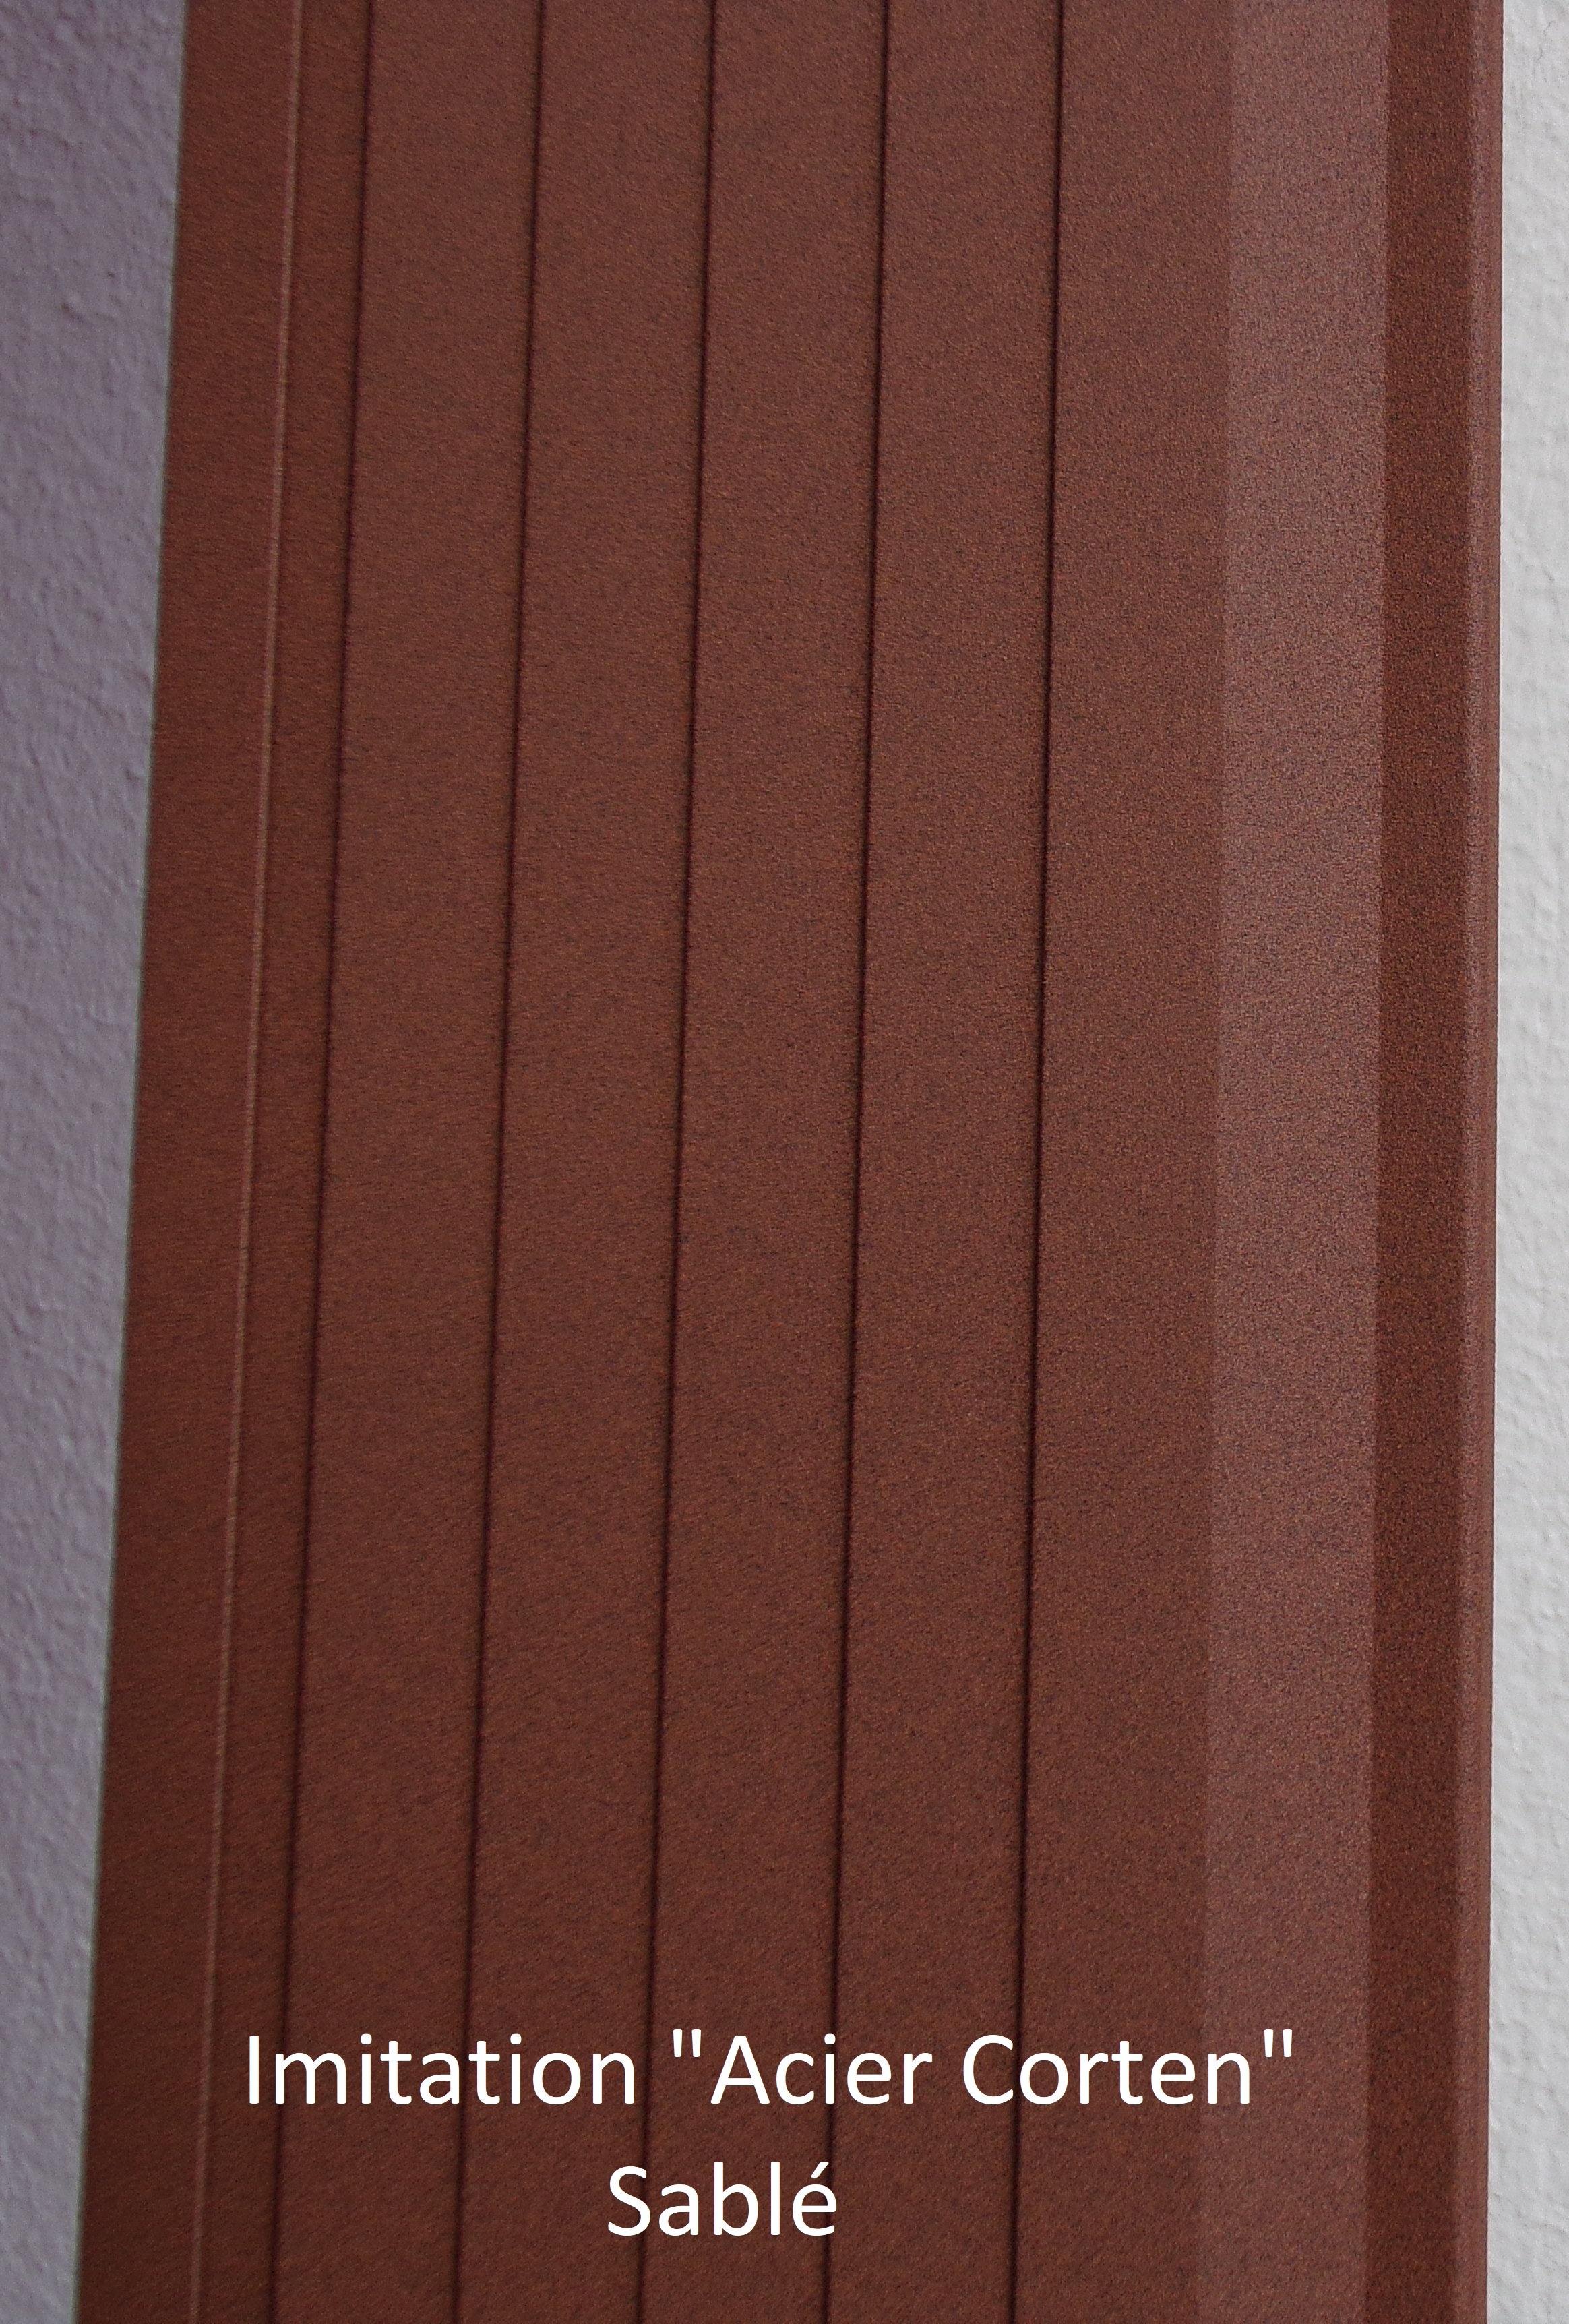 bordure volige séparation délimitation aluminium jardin paillis ardoise galet